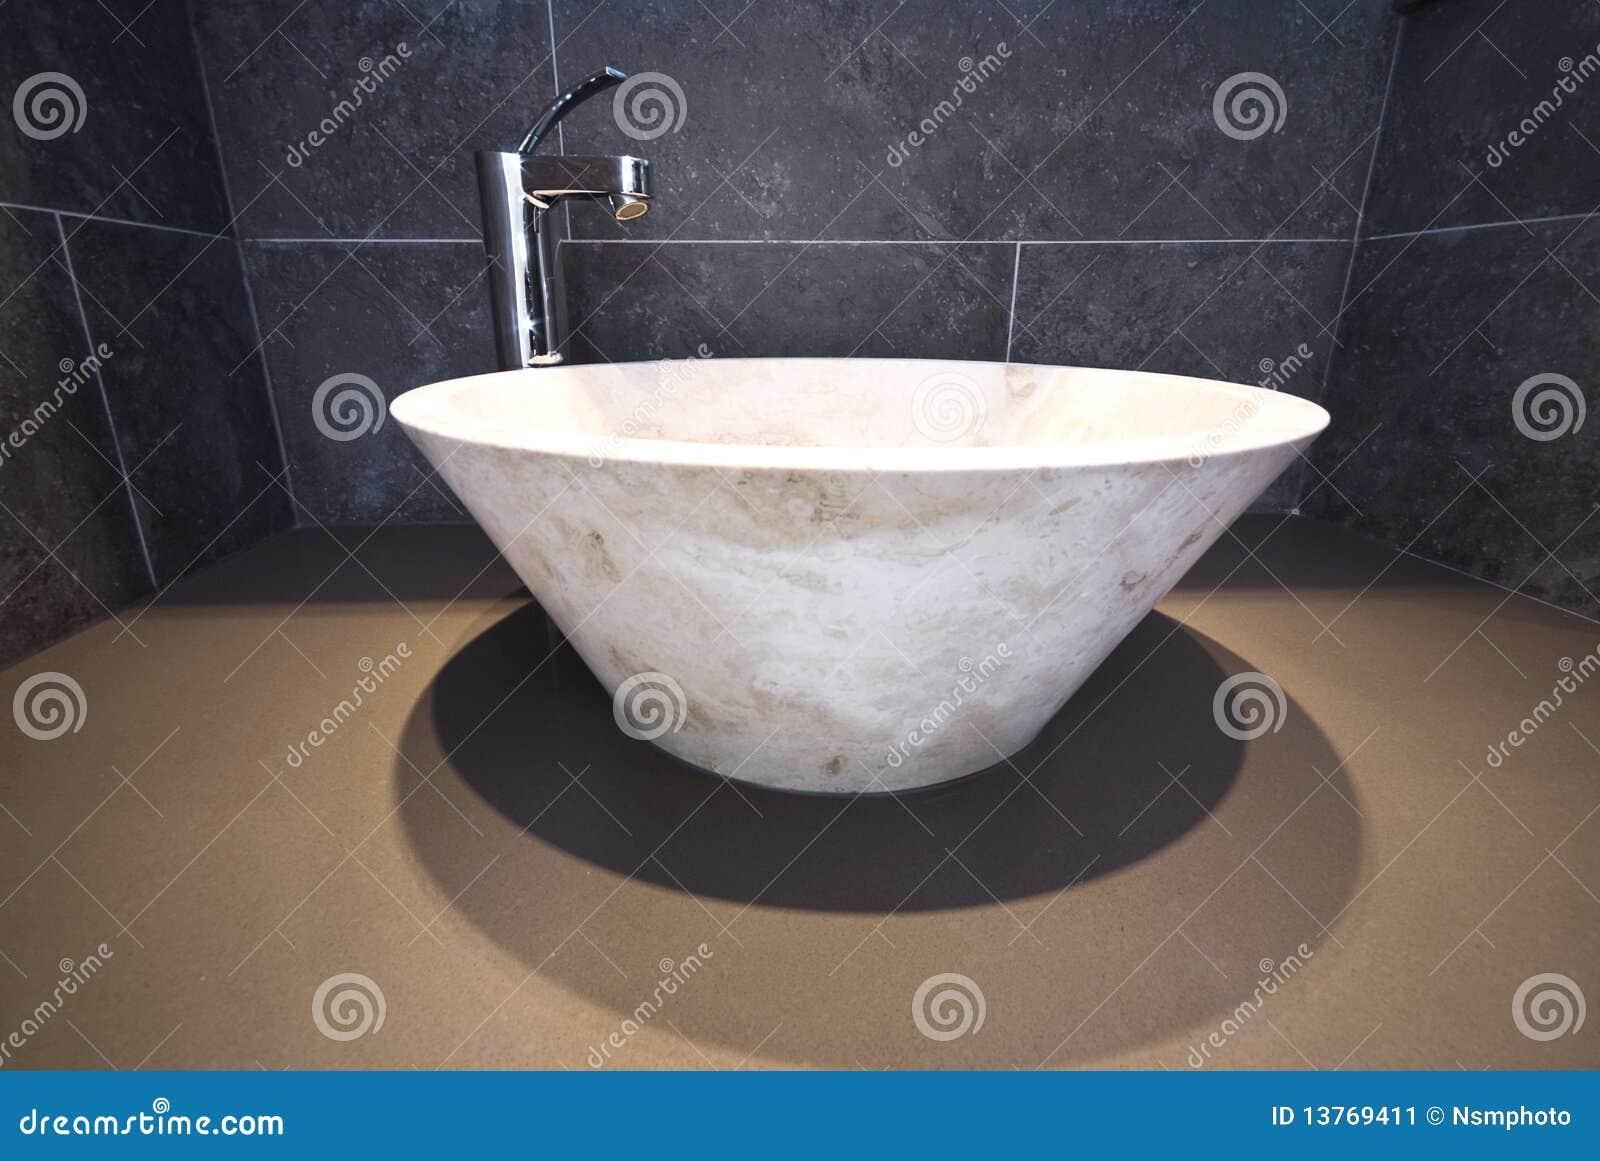 Détail de salle de bains avec le lavabo de marbre rond